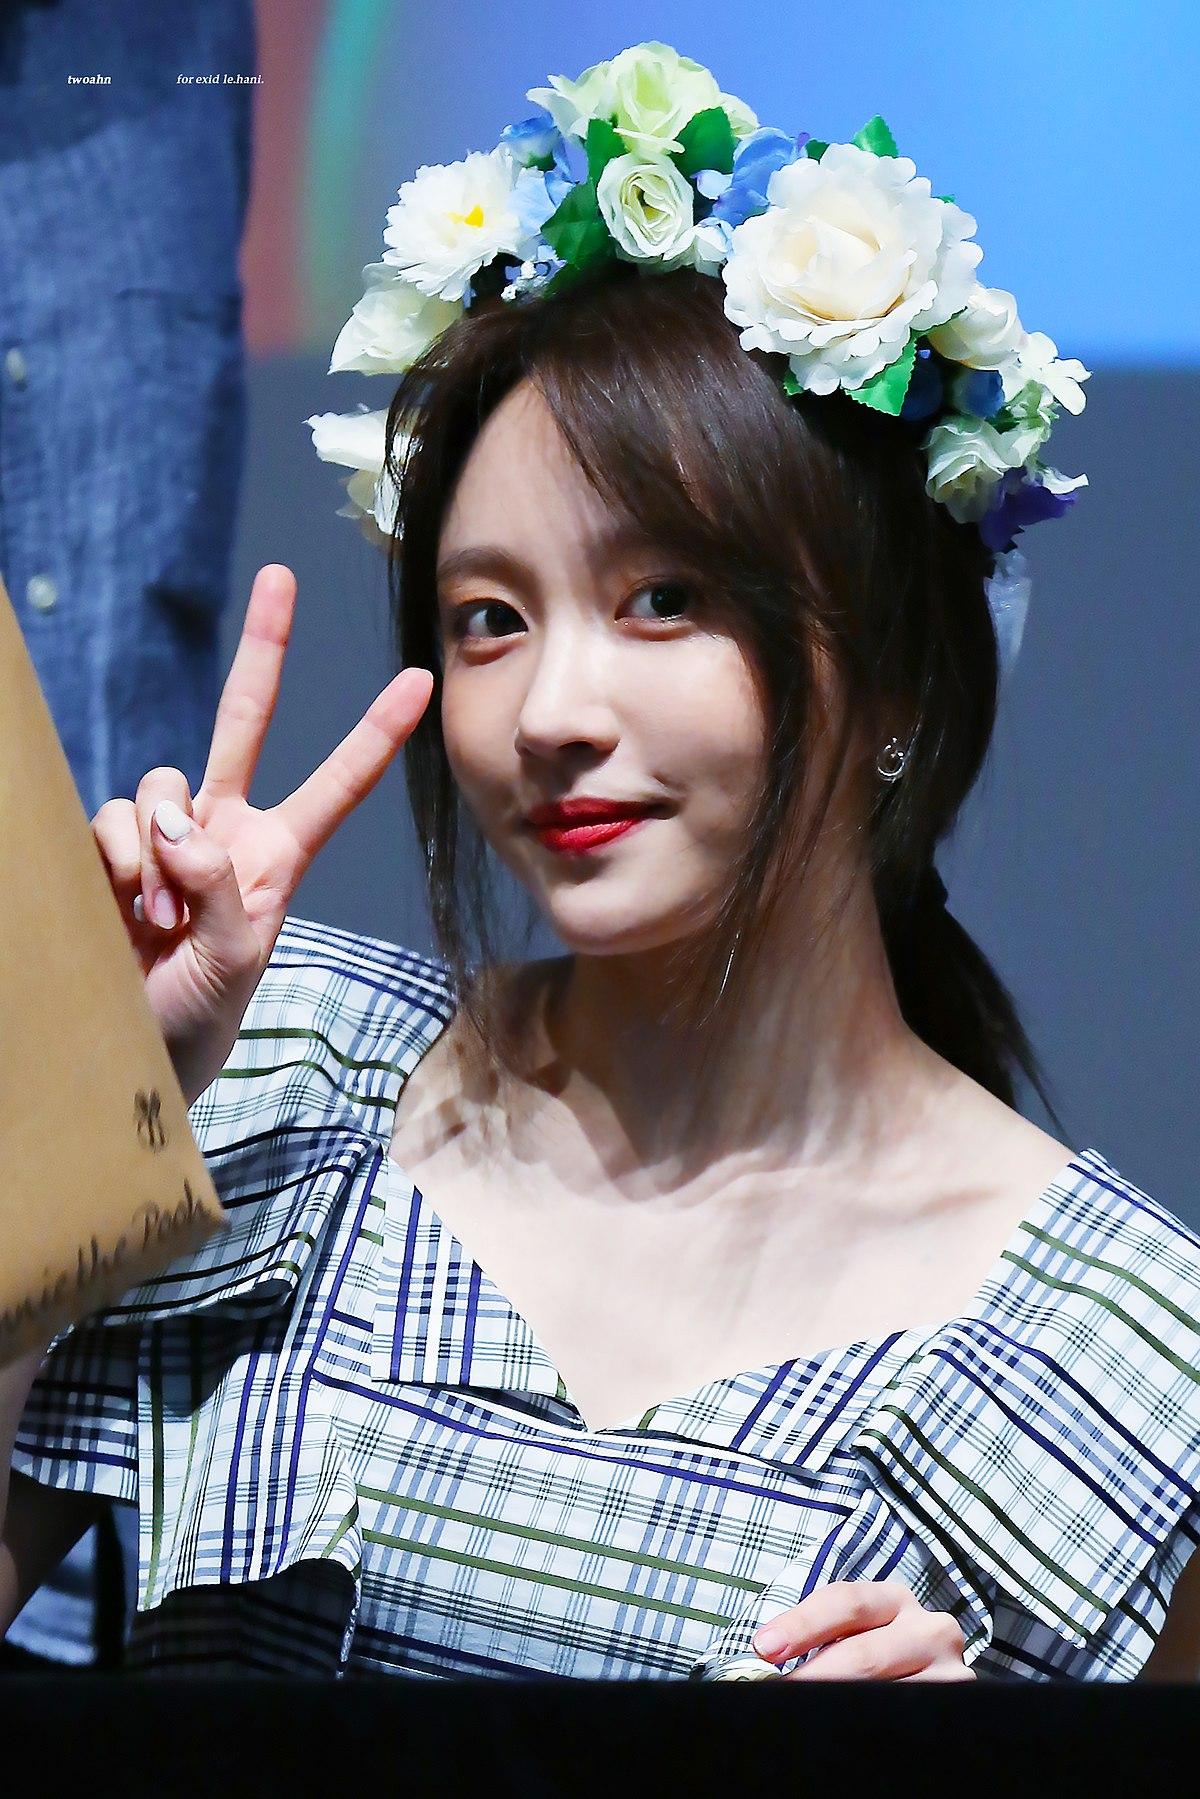 韩国歌手_哈妮 - 维基百科,自由的百科全书